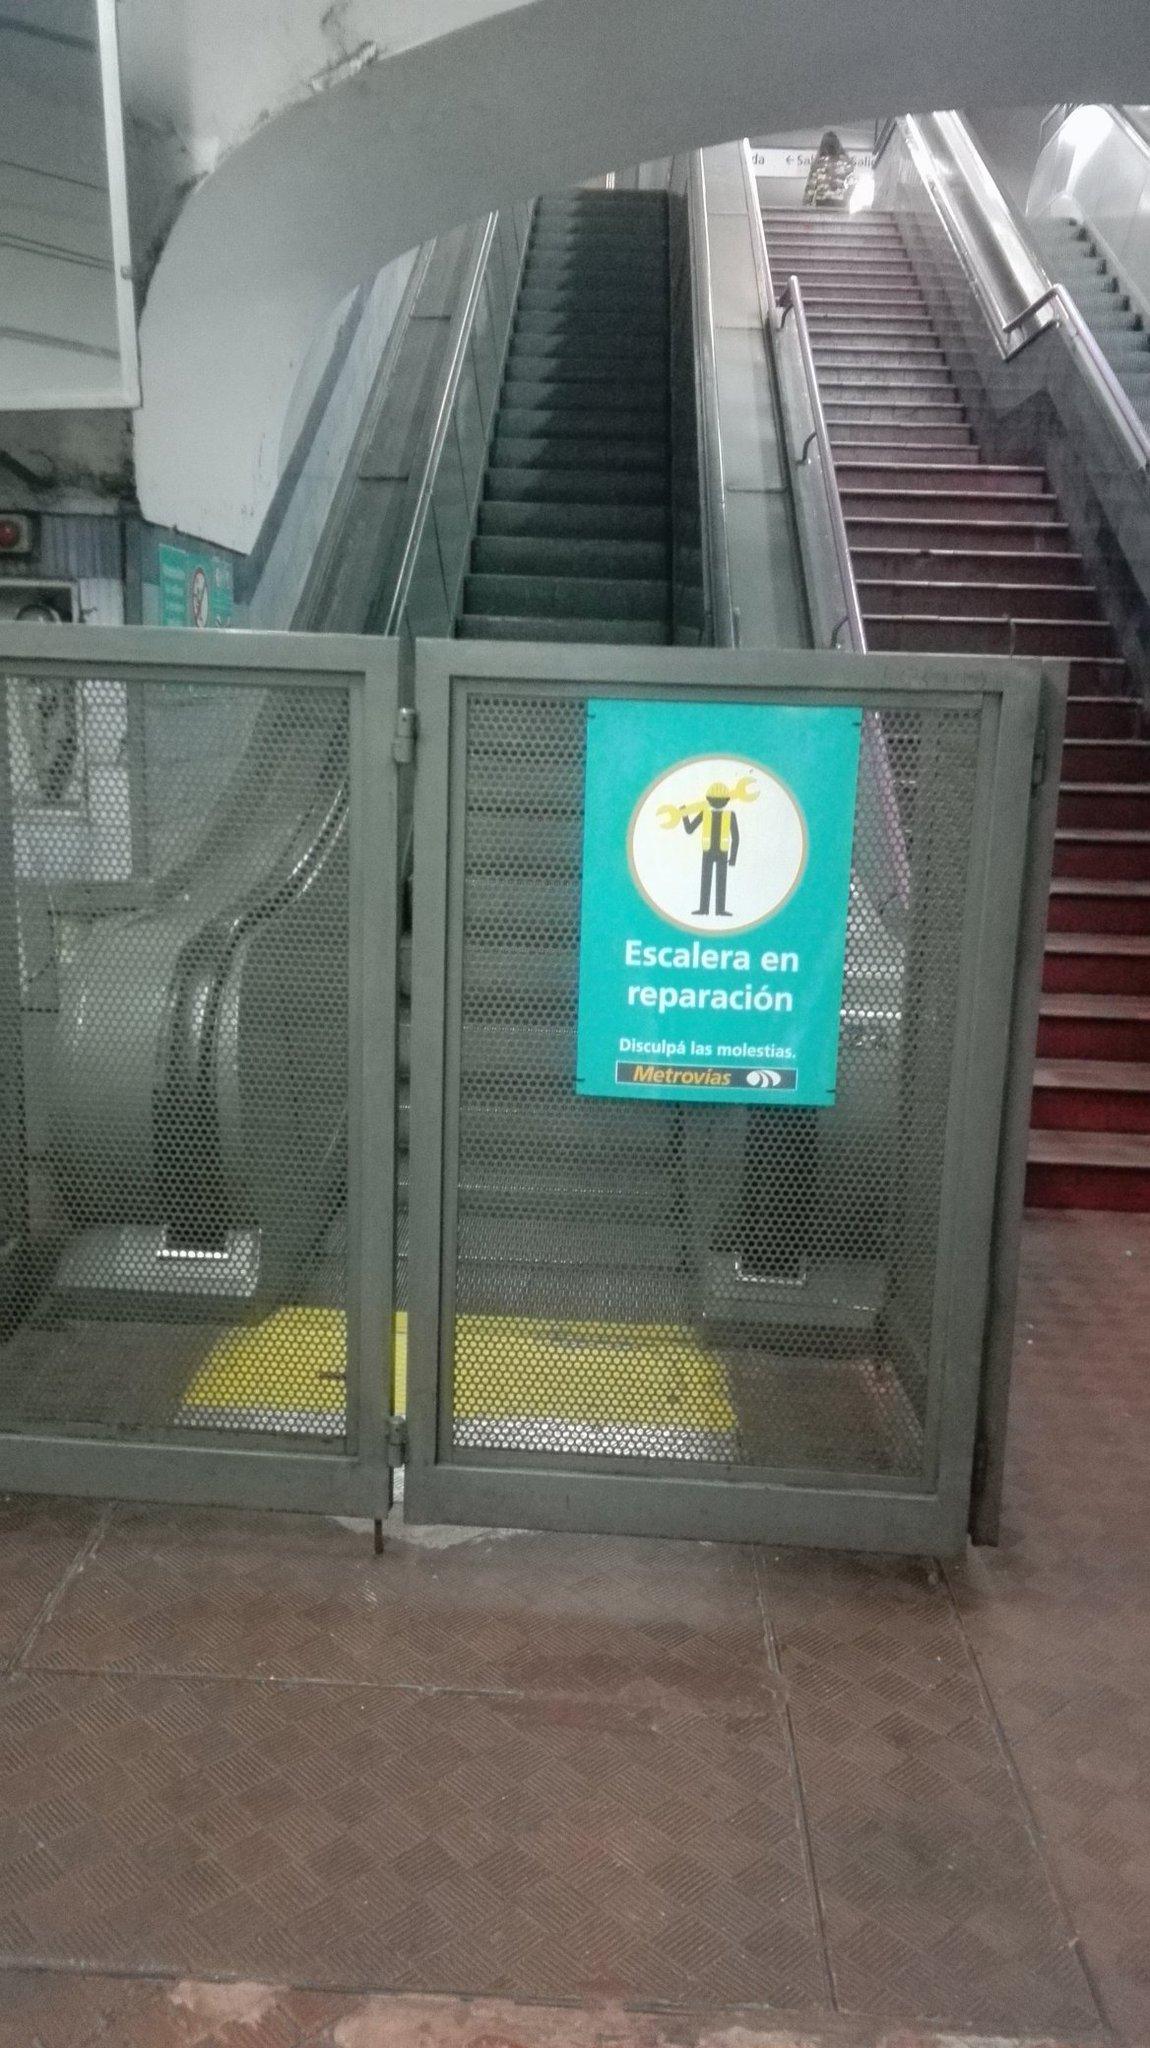 De nuevo se rompió la escalera mecánica del subte E, cada vez con más demora y es la línea en peor estado #AgradeSelfie @horaciorlarreta https://t.co/sp3Ec5TOlU